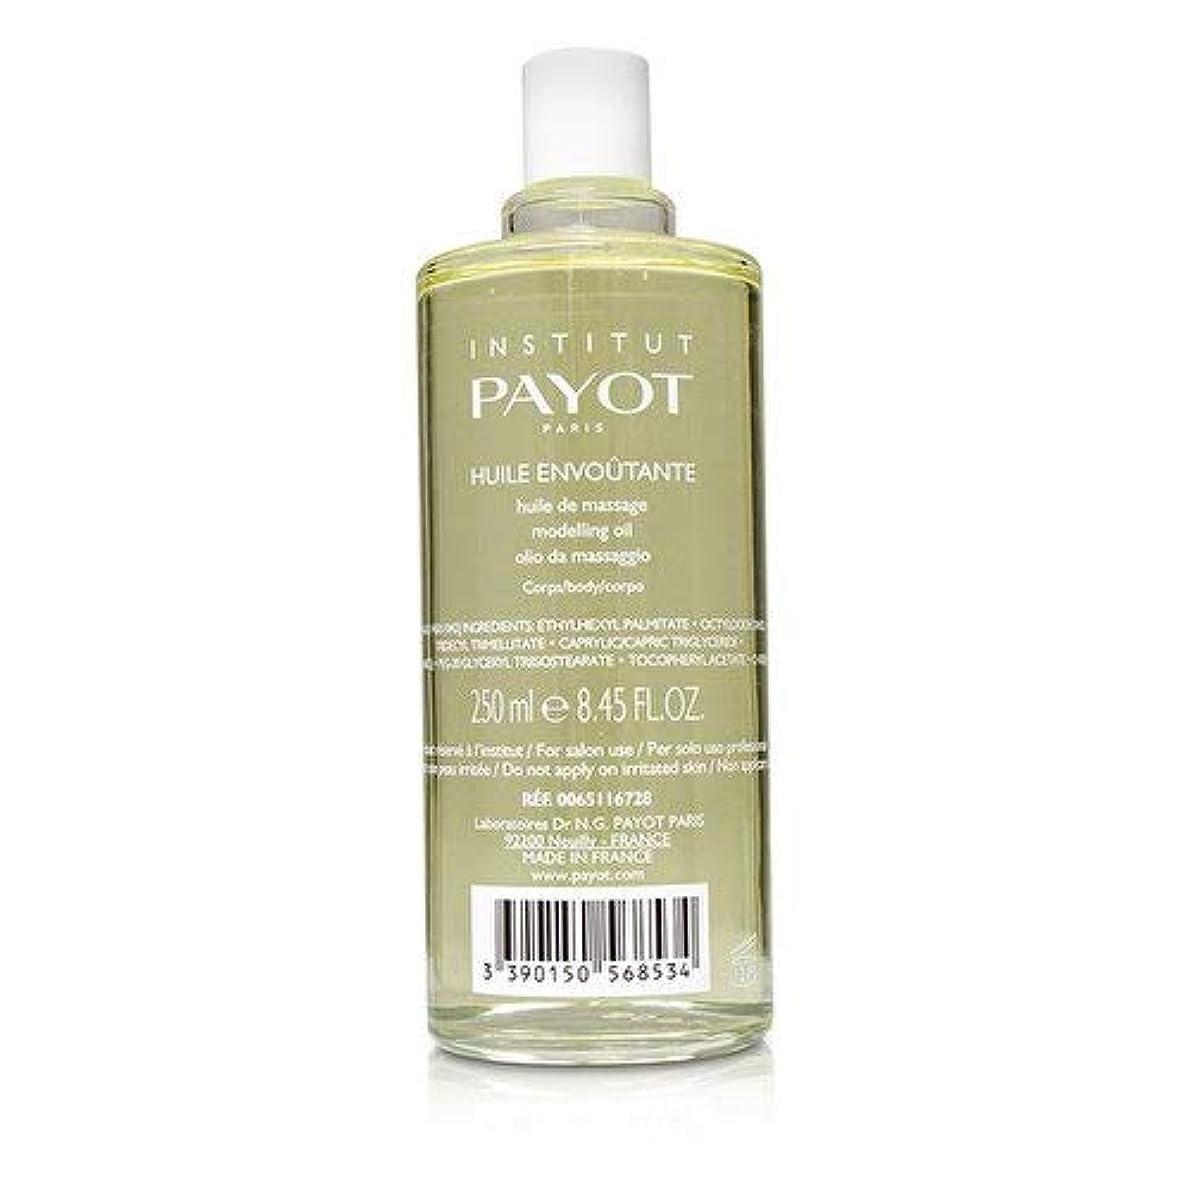 文明化する自治的男らしさパイヨ Huile Envoutante - Body Massage Oil (White Flower & Honey) (Salon Product) 250ml/8.4oz並行輸入品